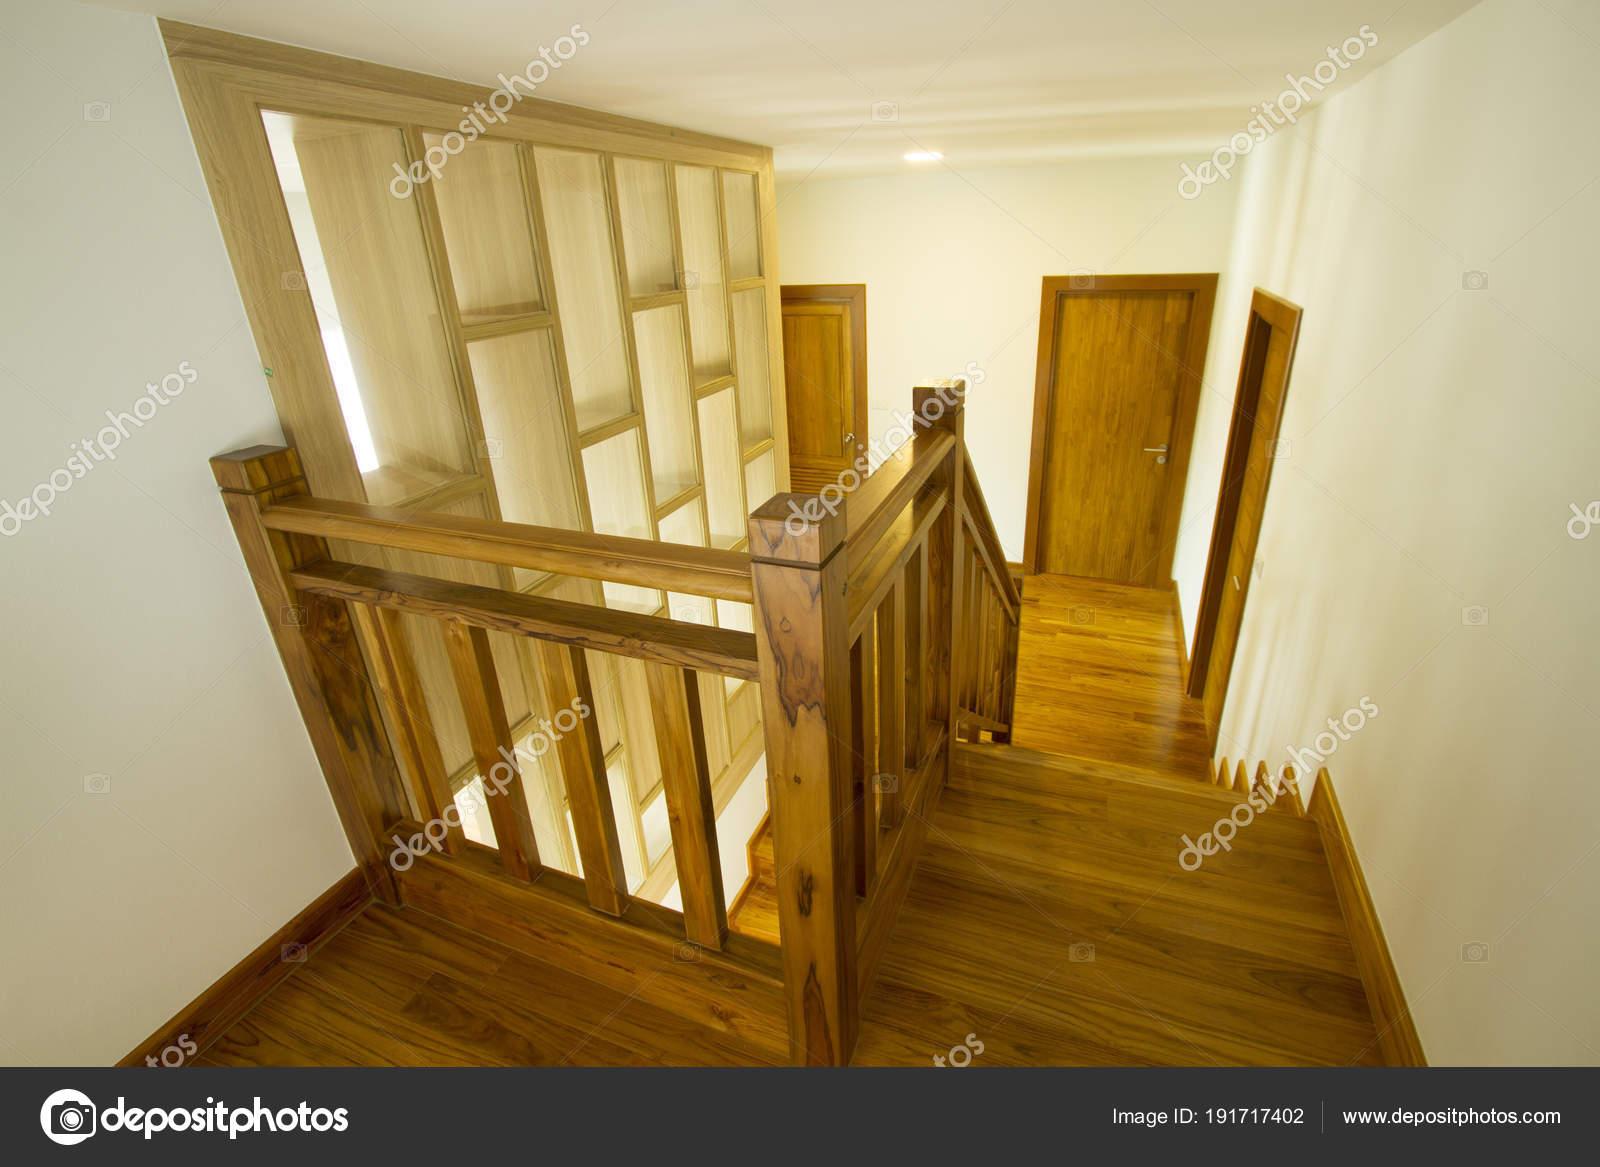 Interieur Maison Avec Escalier Bois Moderne Photographie Drpnncpp